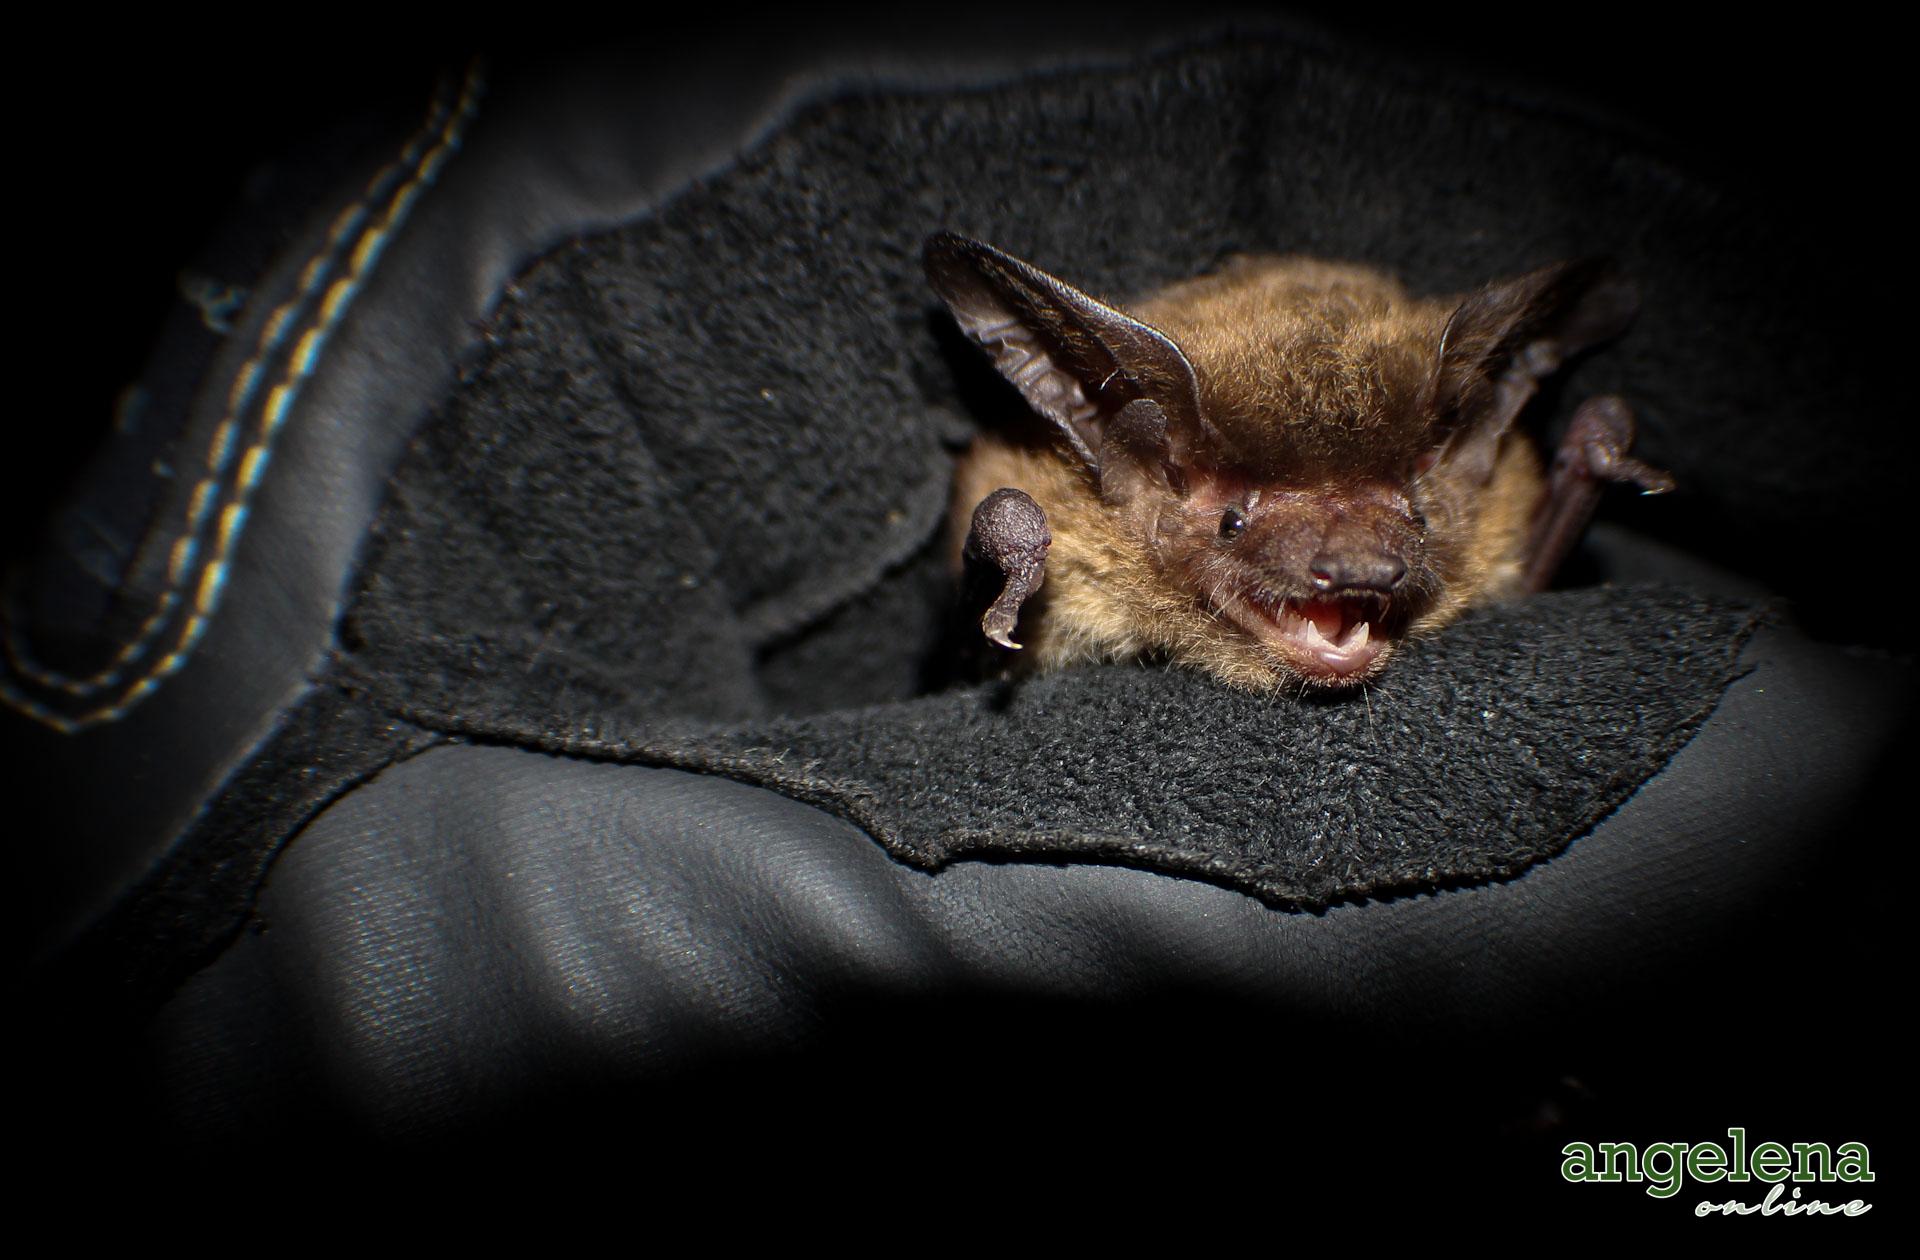 Botswanna Long-eared bat (Malawi)